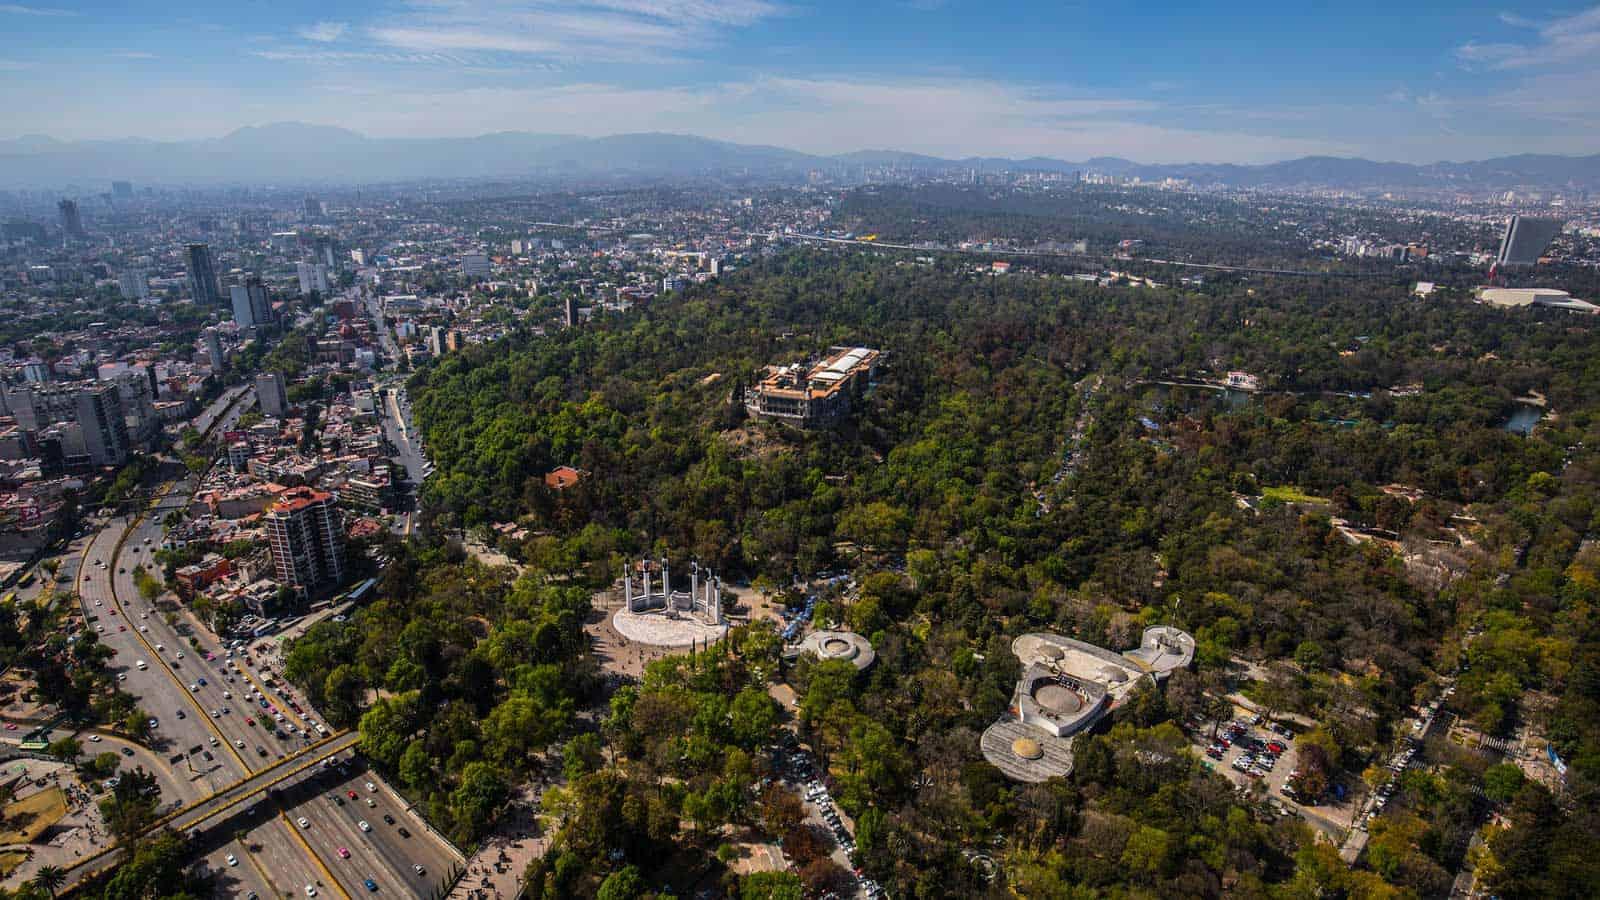 Por qué debes incluir una visita al Bosque de Chapultepec durante tu estadía en CDMX 0